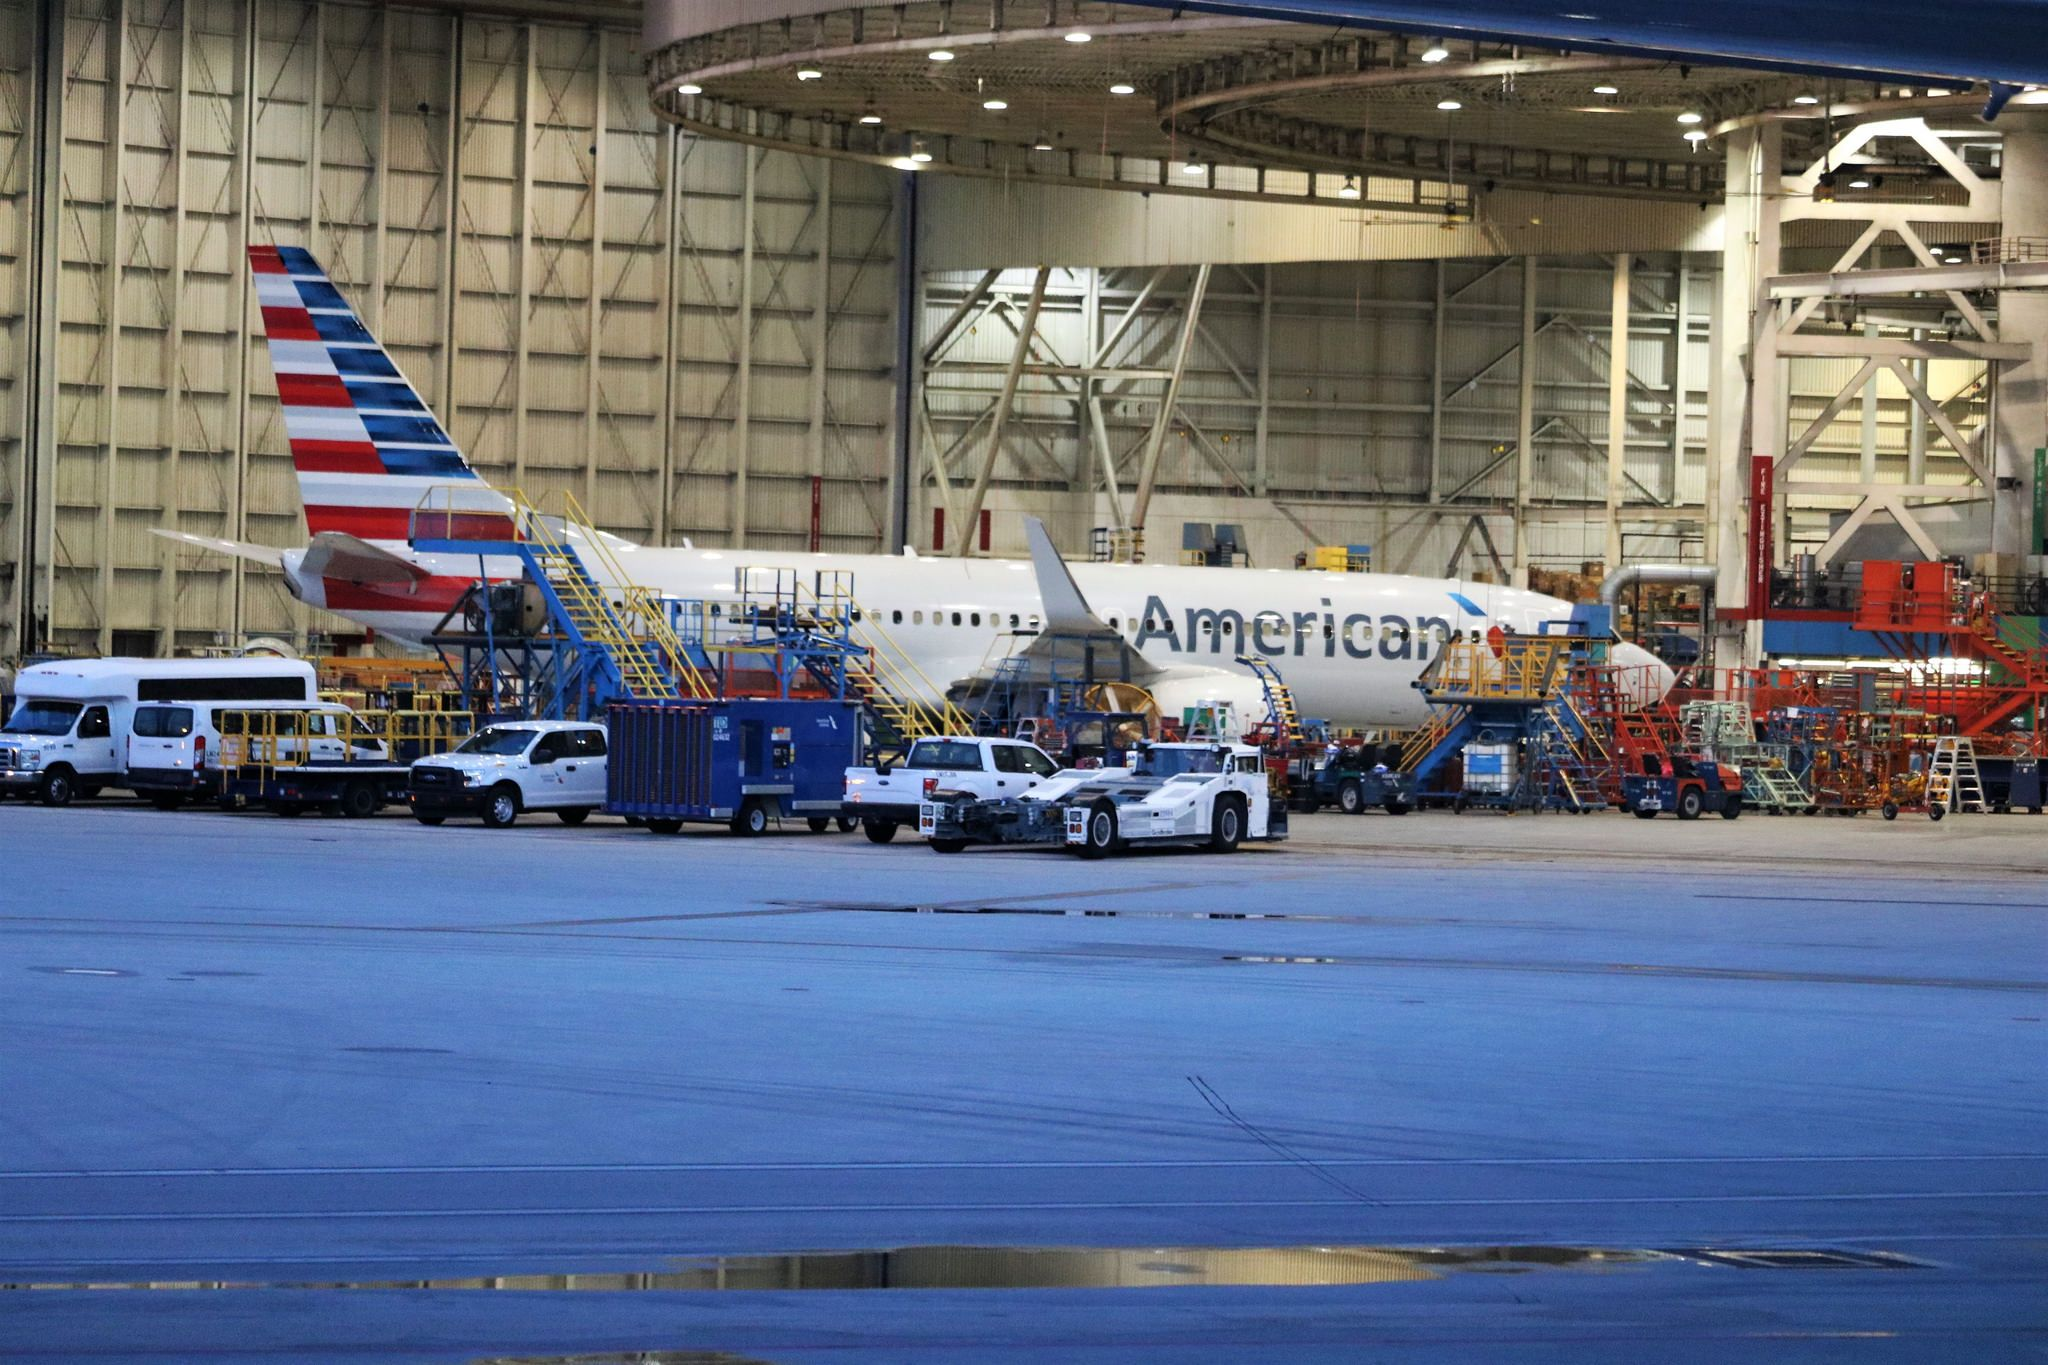 American Airlines Hangar. Miami International Airport